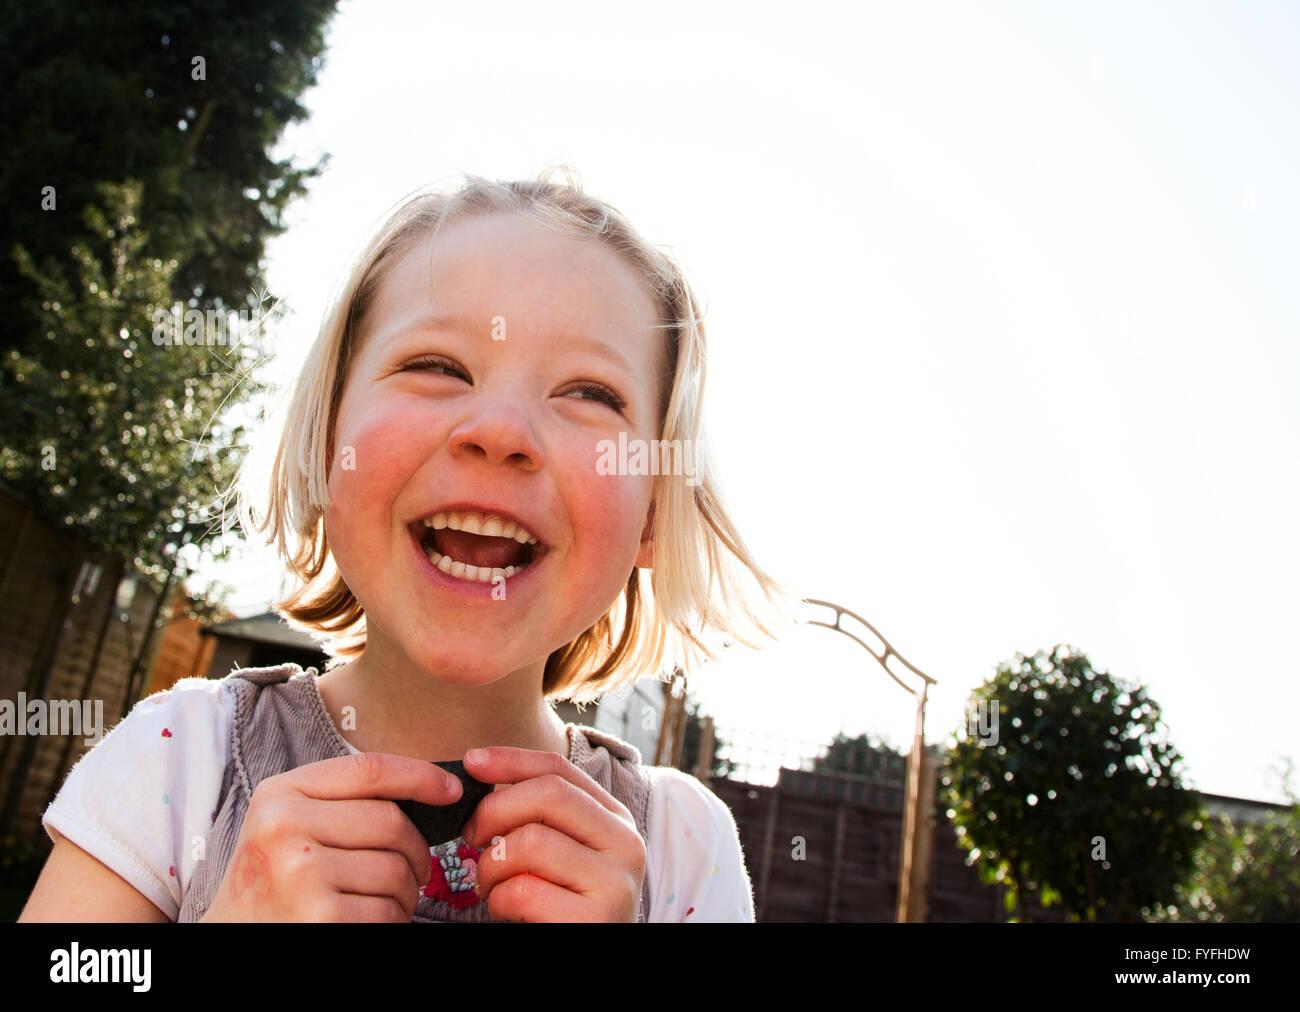 Ragazza con mad ridere in giardino Immagini Stock